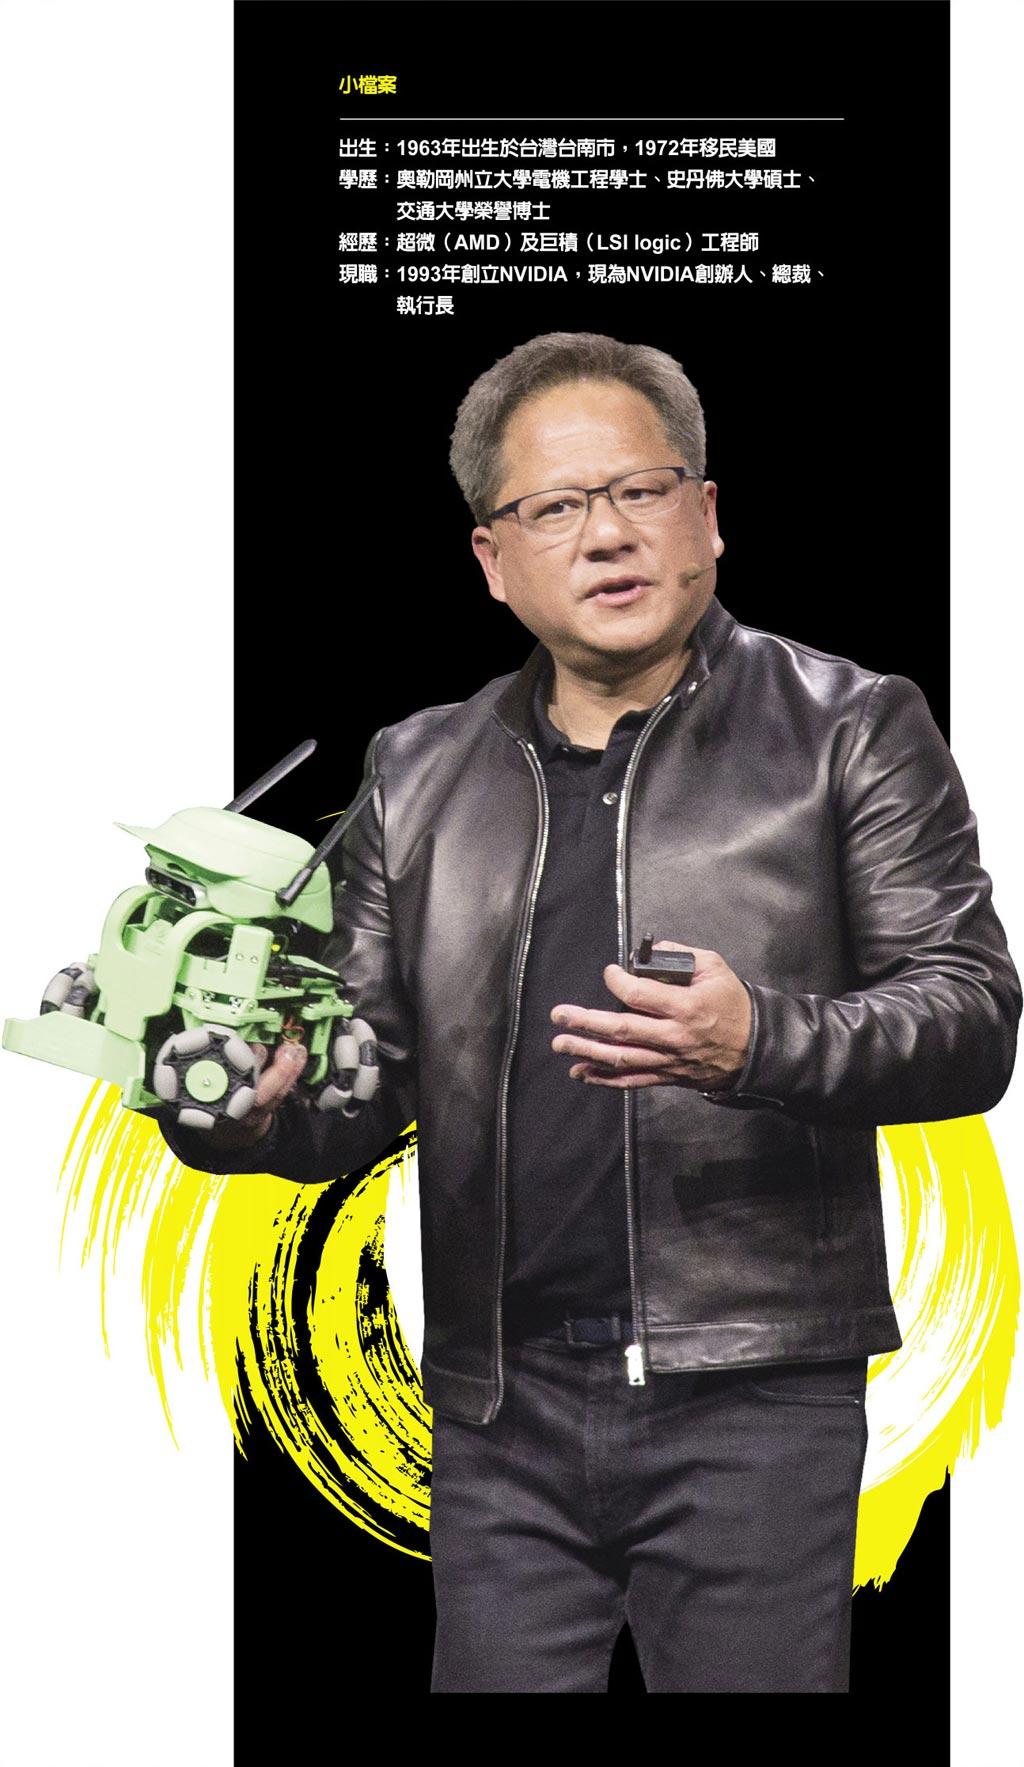 小檔案出生:1963年出生於台灣台南市,1972年移民美國學歷:奧勒岡州立大學電機工程學士、史丹佛大學碩士、   交通大學榮譽博士經歷:超微(AMD)及巨積(LSI logic)工程師現職:1993年創立NVIDIA,現為NVIDIA創辦人、總裁、   執行長